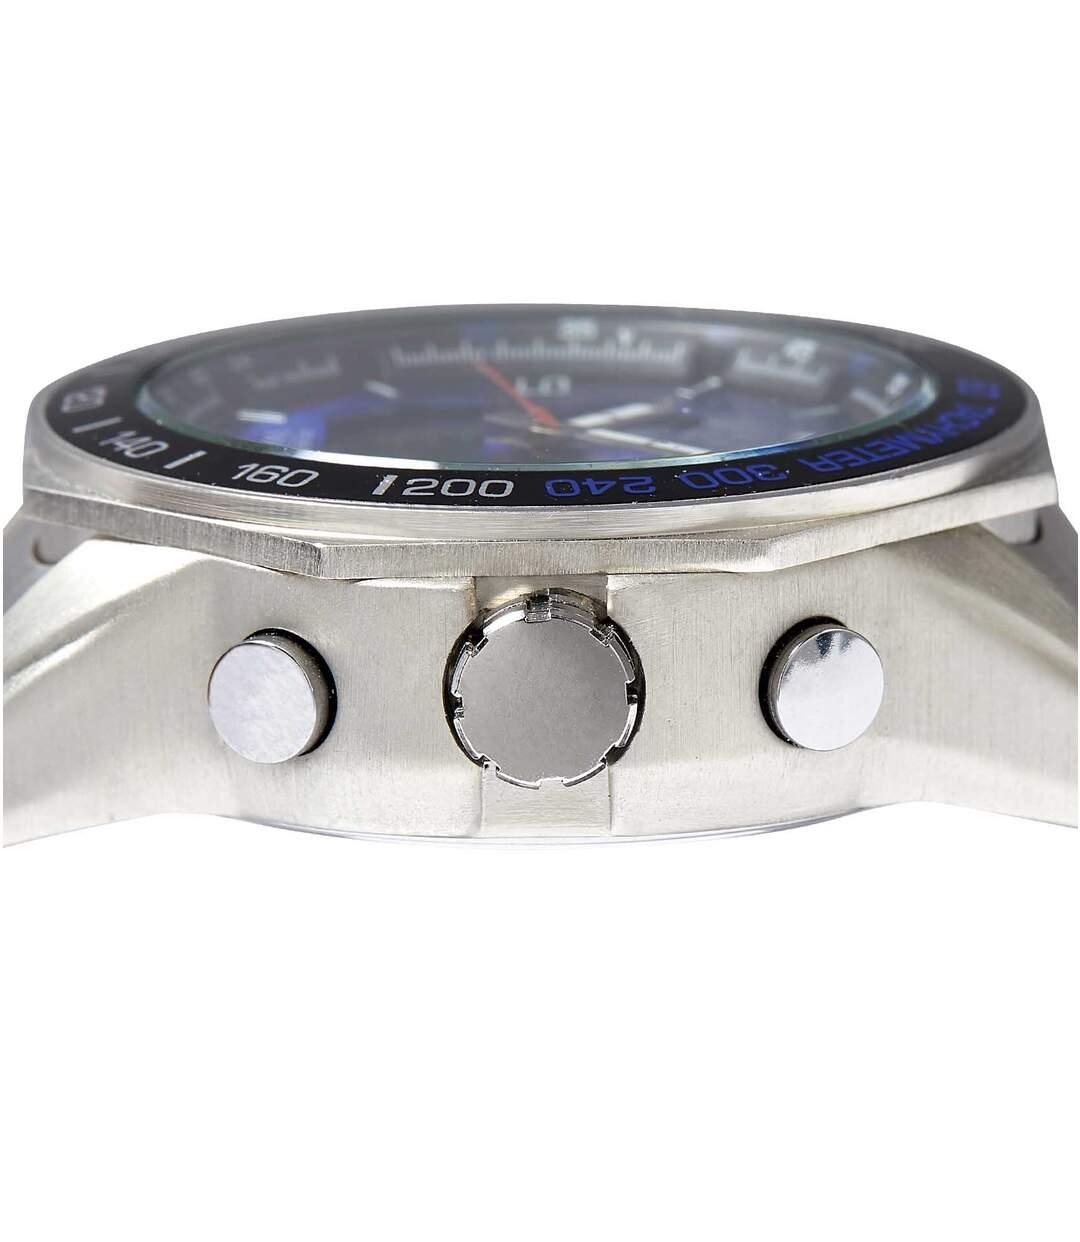 Sportief chrono horloge met dubbele tijdweergave